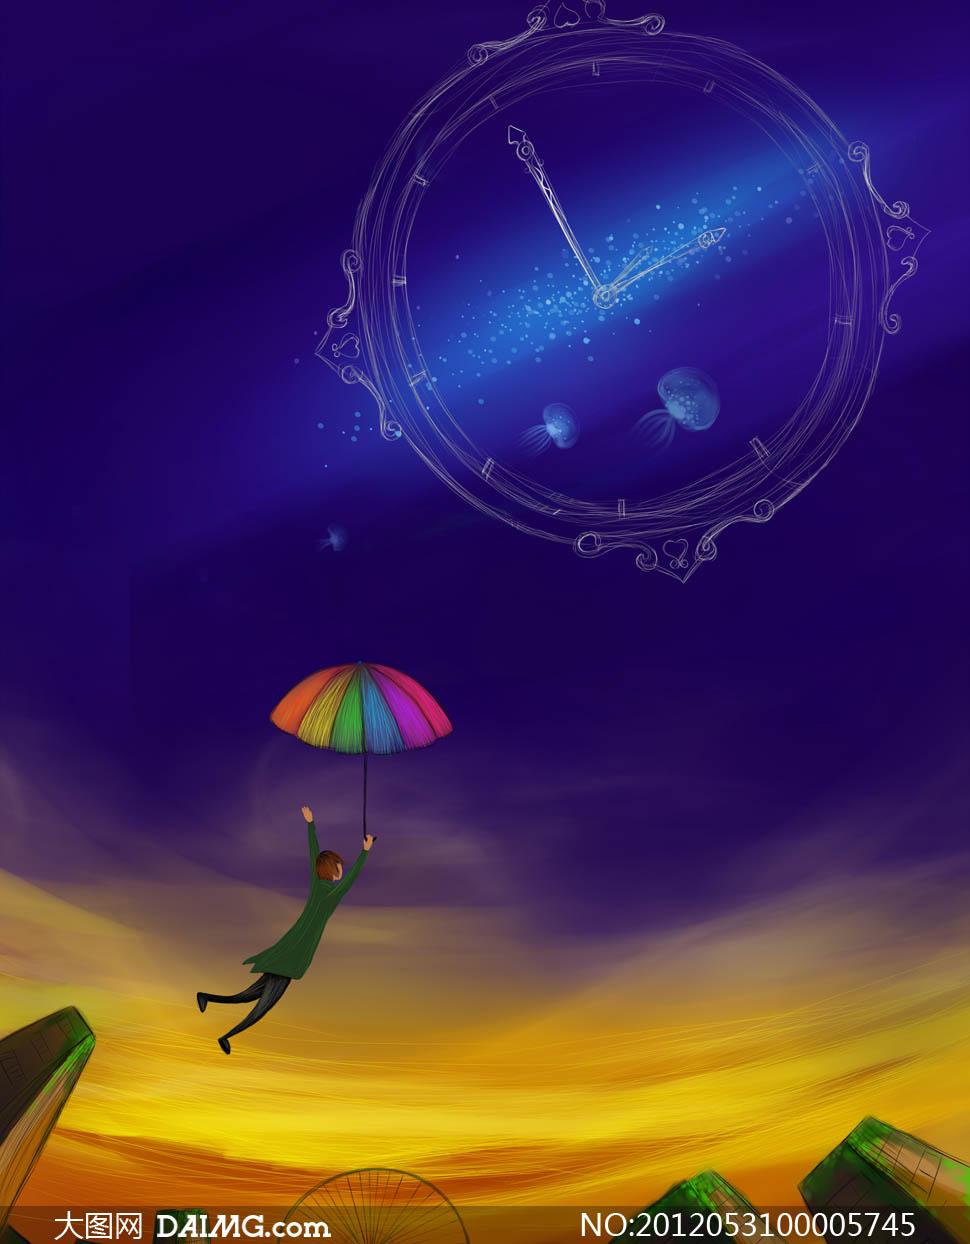 自由飞翔插画设计图片素材